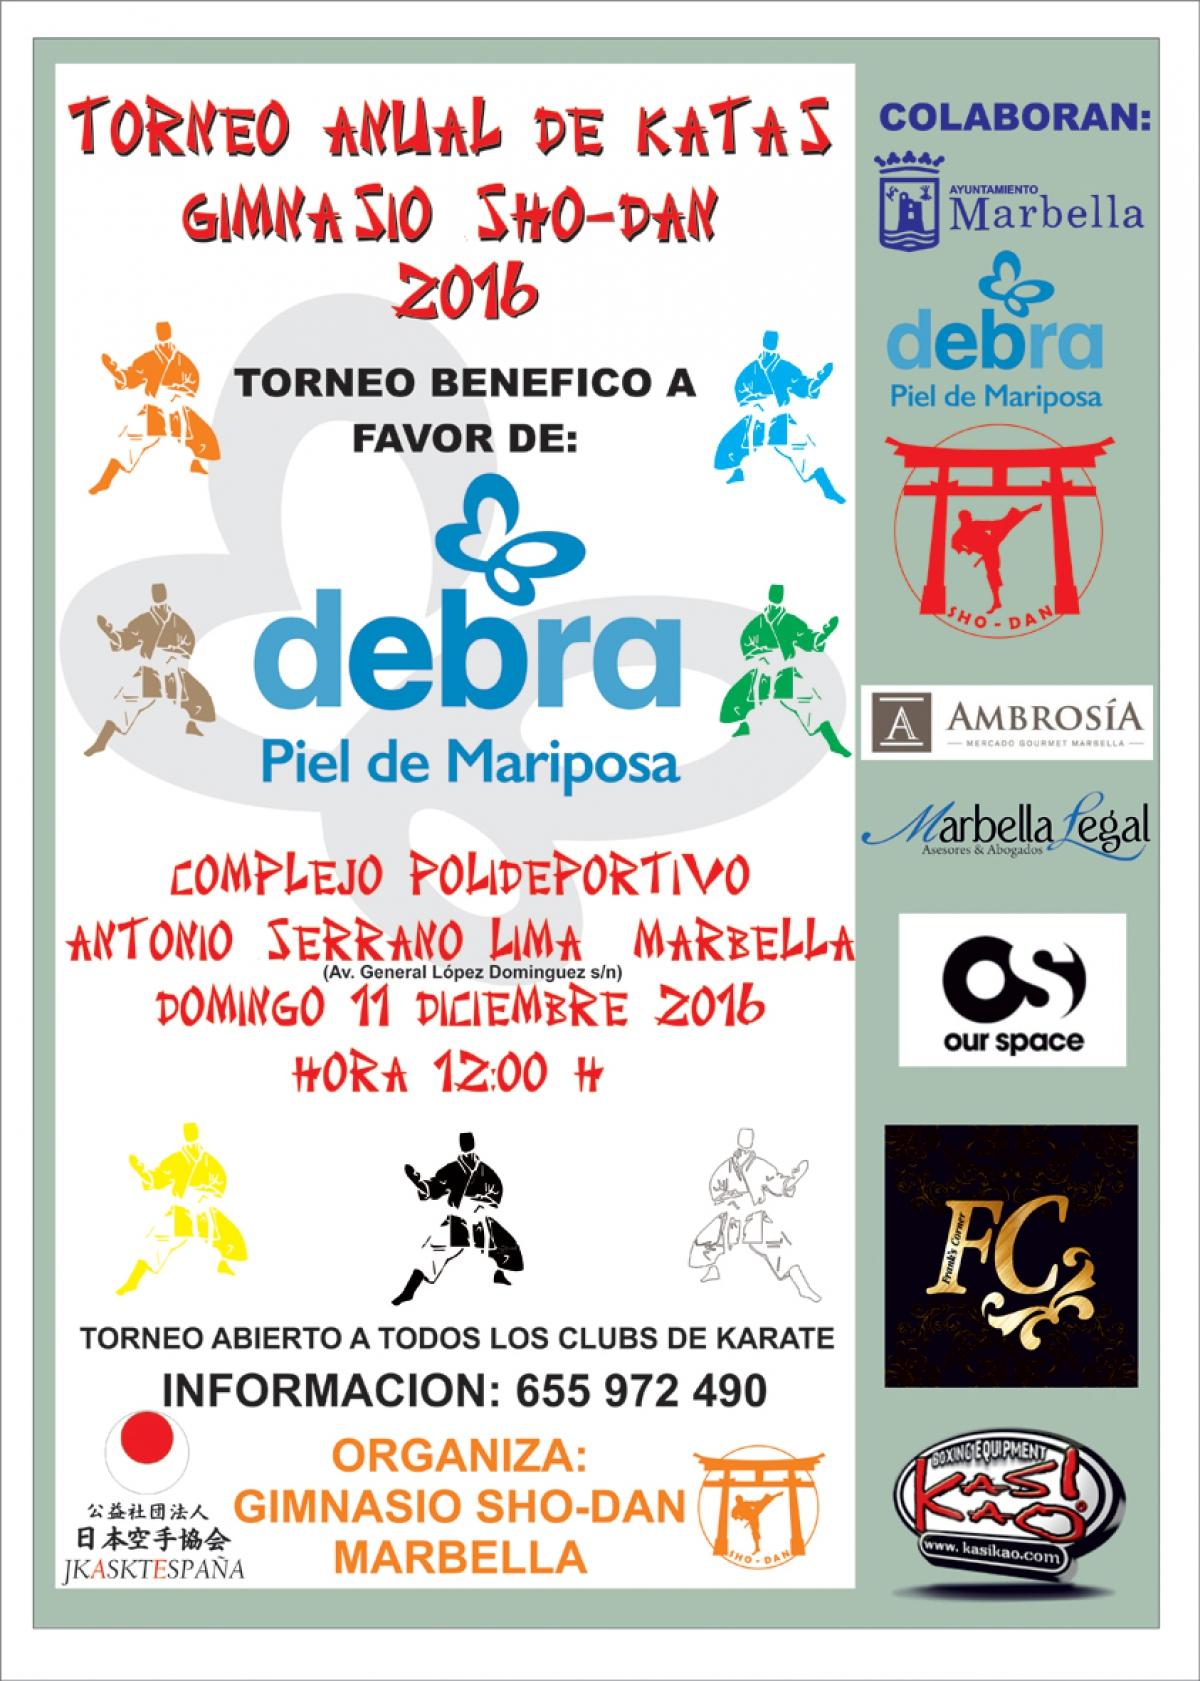 El Ayuntamiento colabora con el torneo amistoso del Gimnasio SHO-DAN a beneficio de la Asociación Debra que se celebrará este domingo